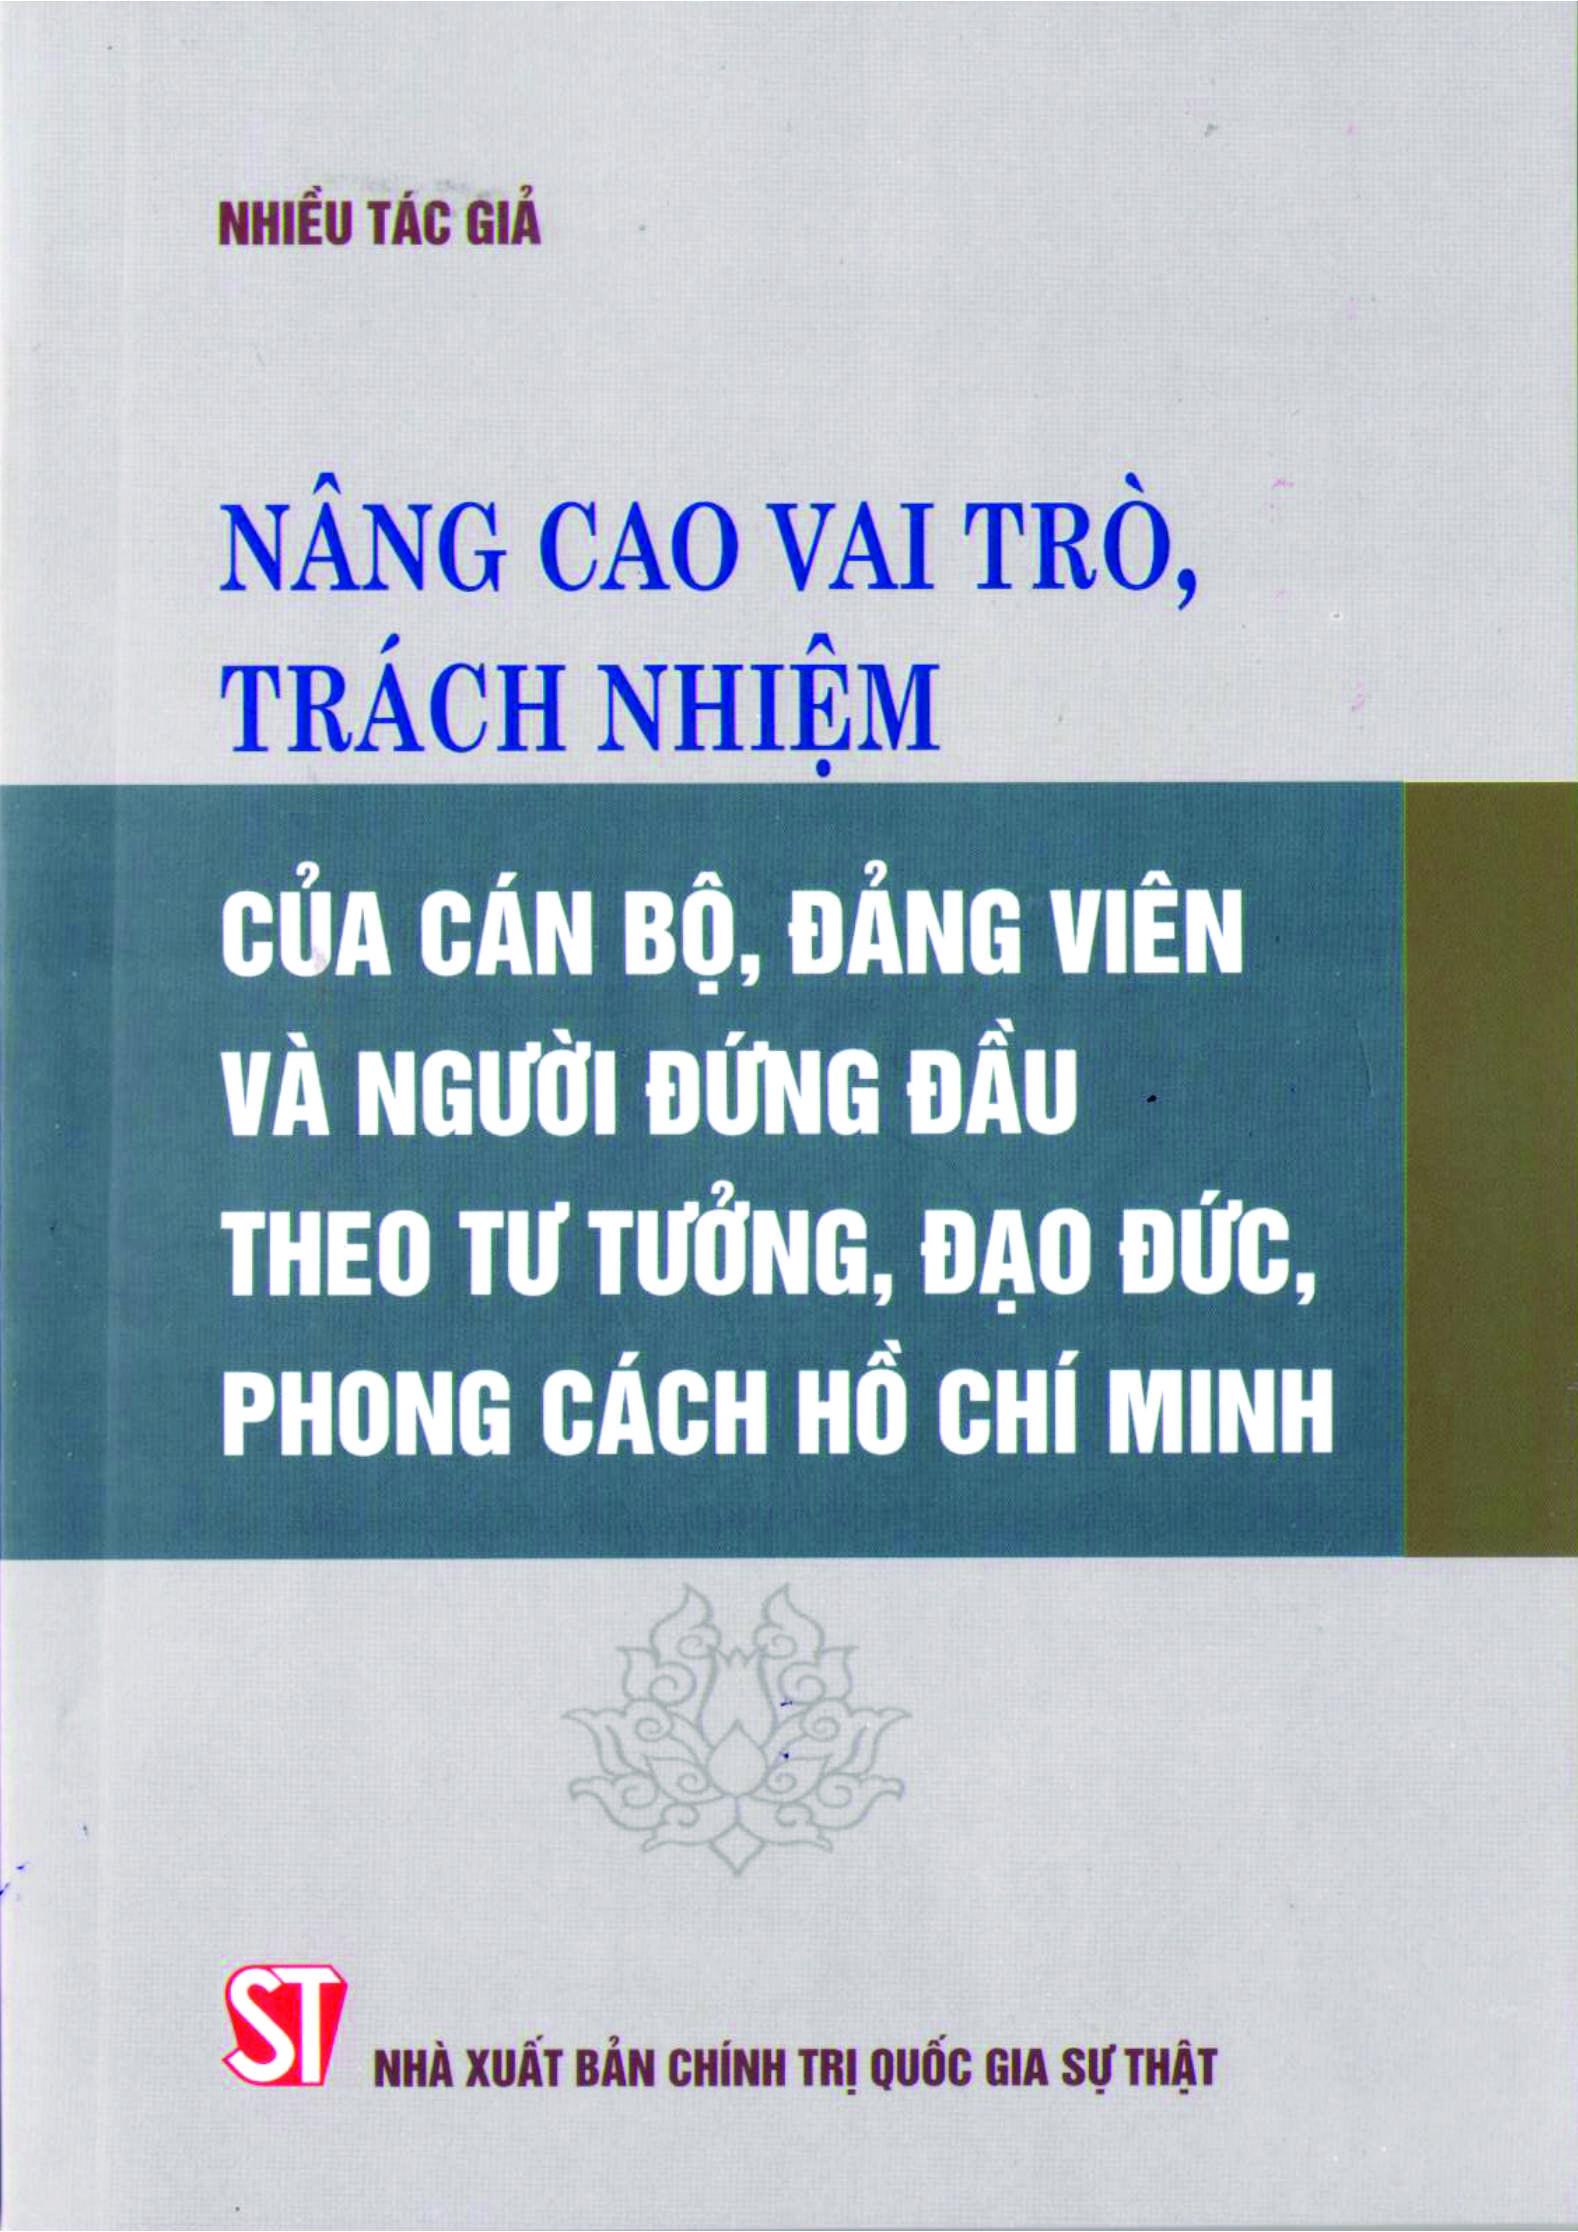 Nâng cao vai trò, trách nhiệm của cán bộ, đảng viên và người đứng đầu theo tư tưởng, đạo đức, phong cách Hồ Chí Minh (Xuất bản lần thứ hai)